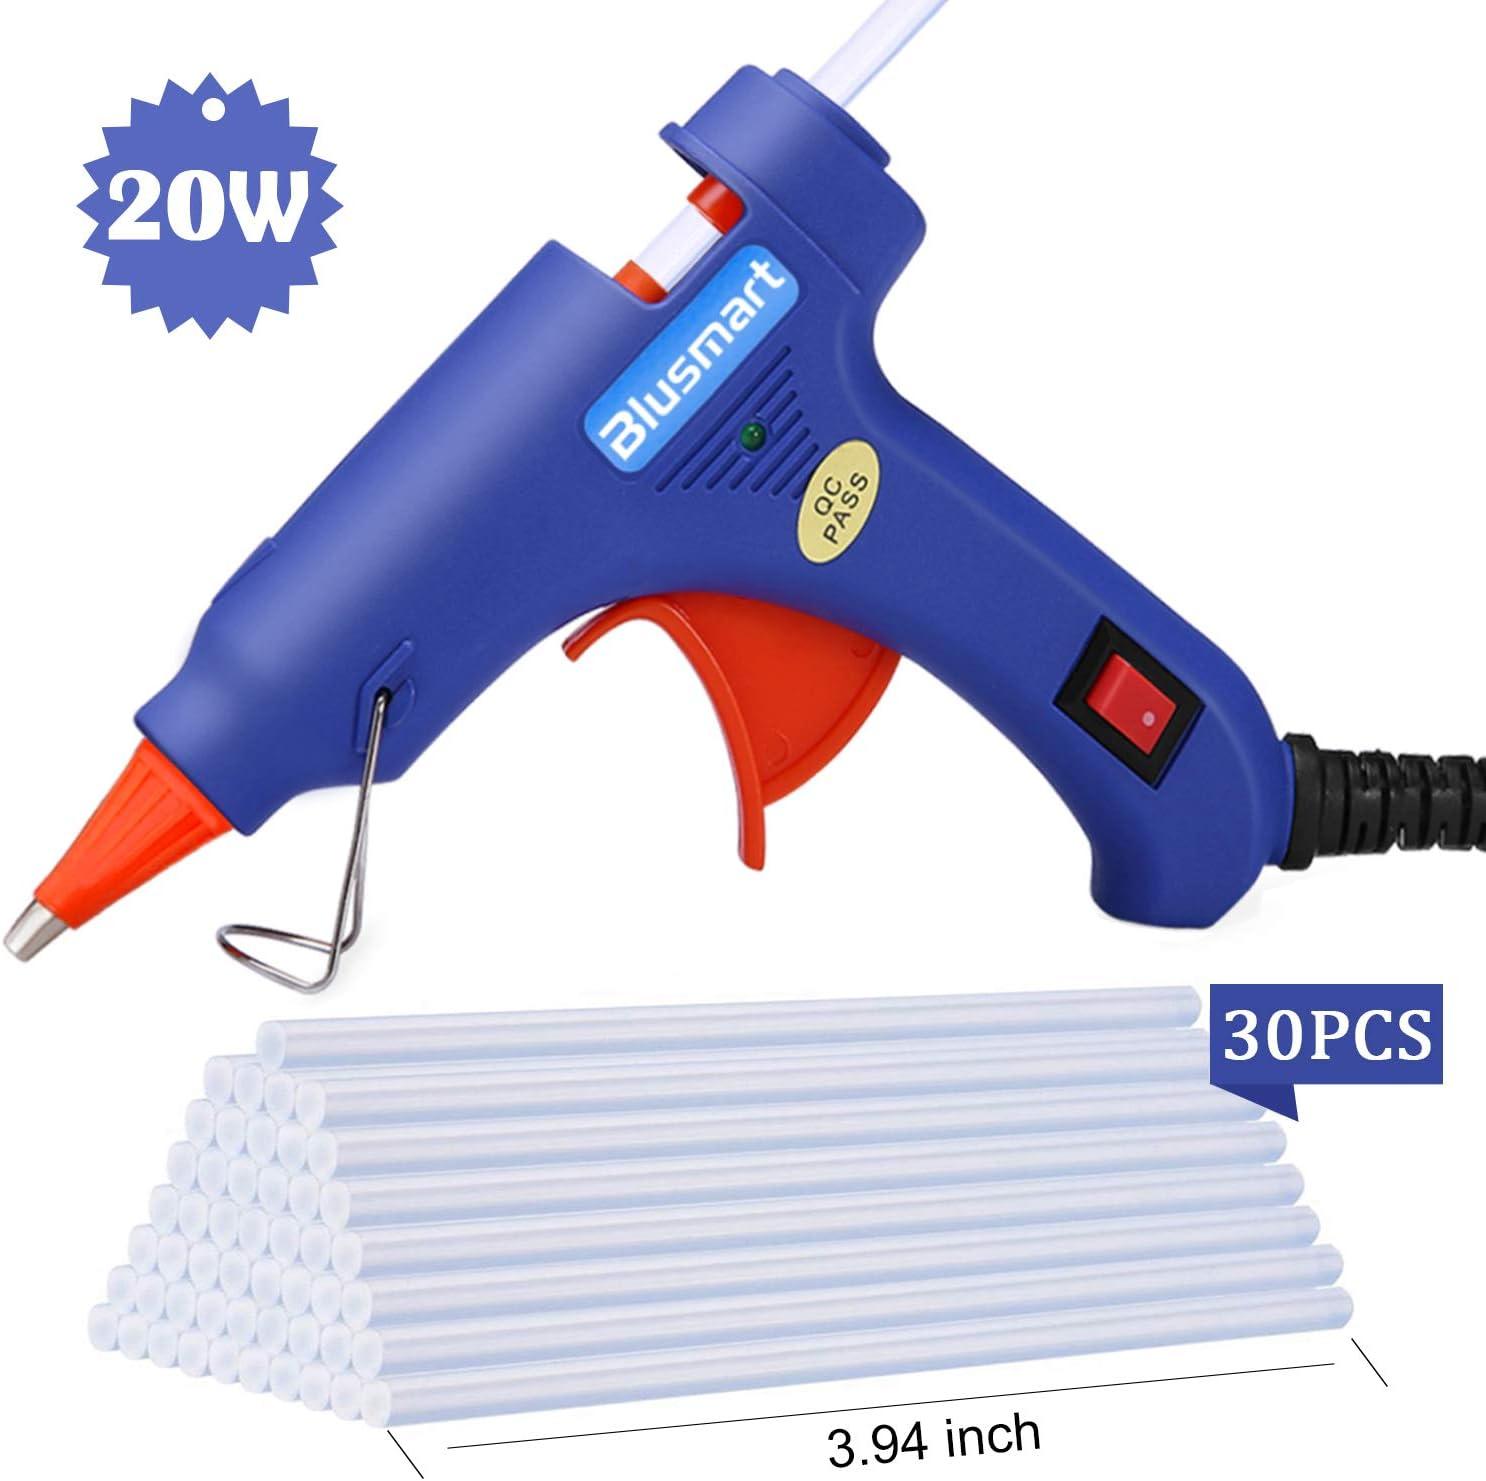 Hot Glue Gun,Blusmart Upgraded Version Glue Gun with 27pcs Glue Sticks, 27W  Mini Hot Glue Gun Blue Fast Heating for DIY Craft Projects and Home Quick